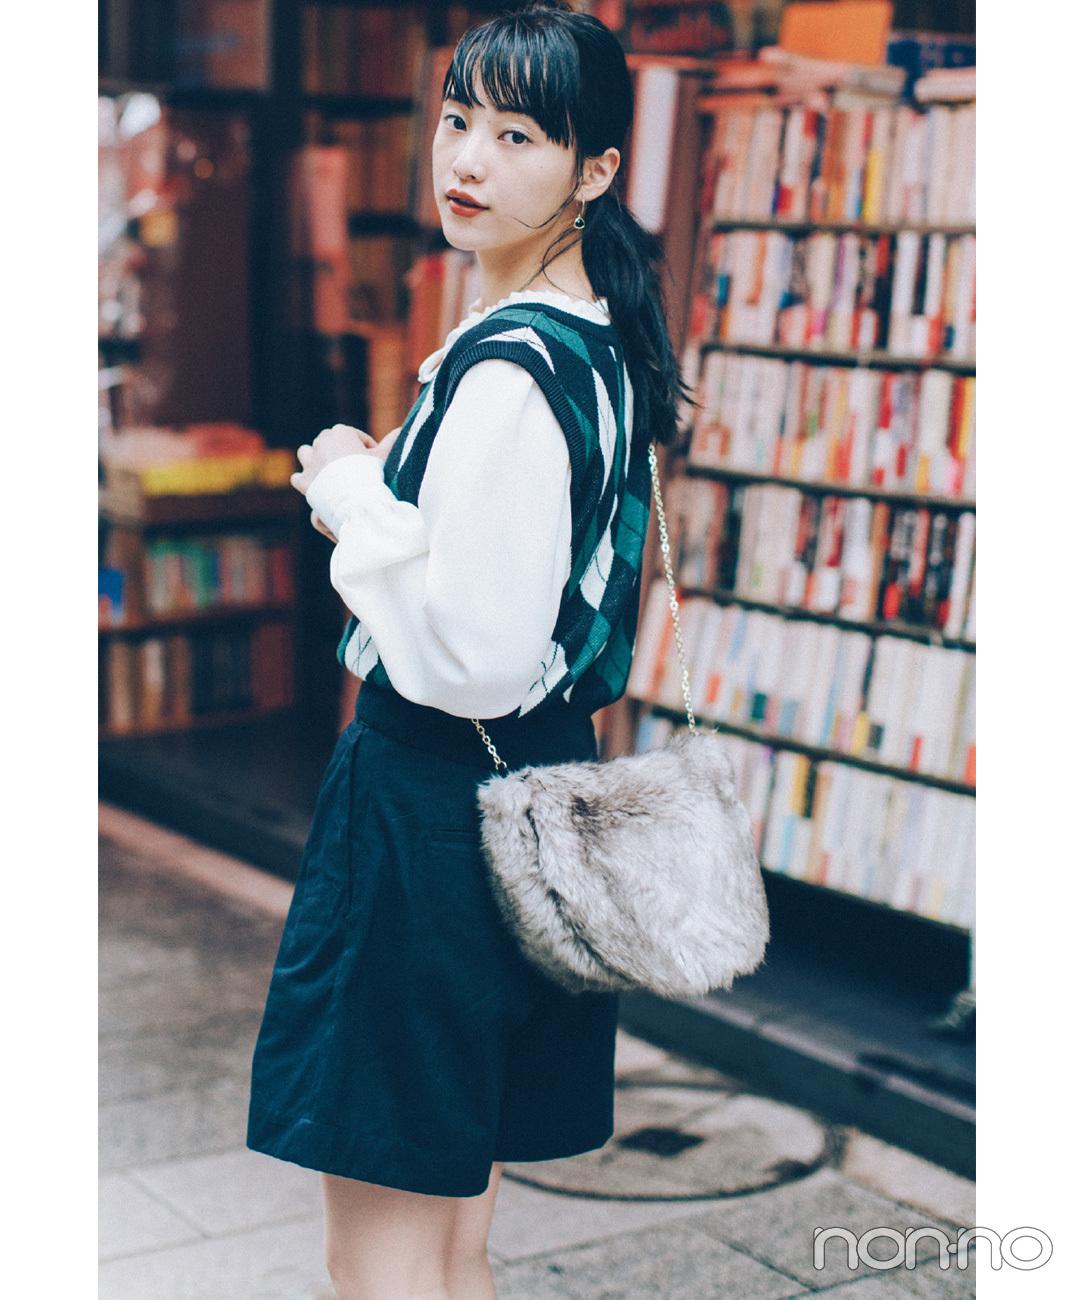 【アーガイルチェックコーデ】山田愛奈の、アーガイルベストにファーバッグを合わせた高見えコーデ